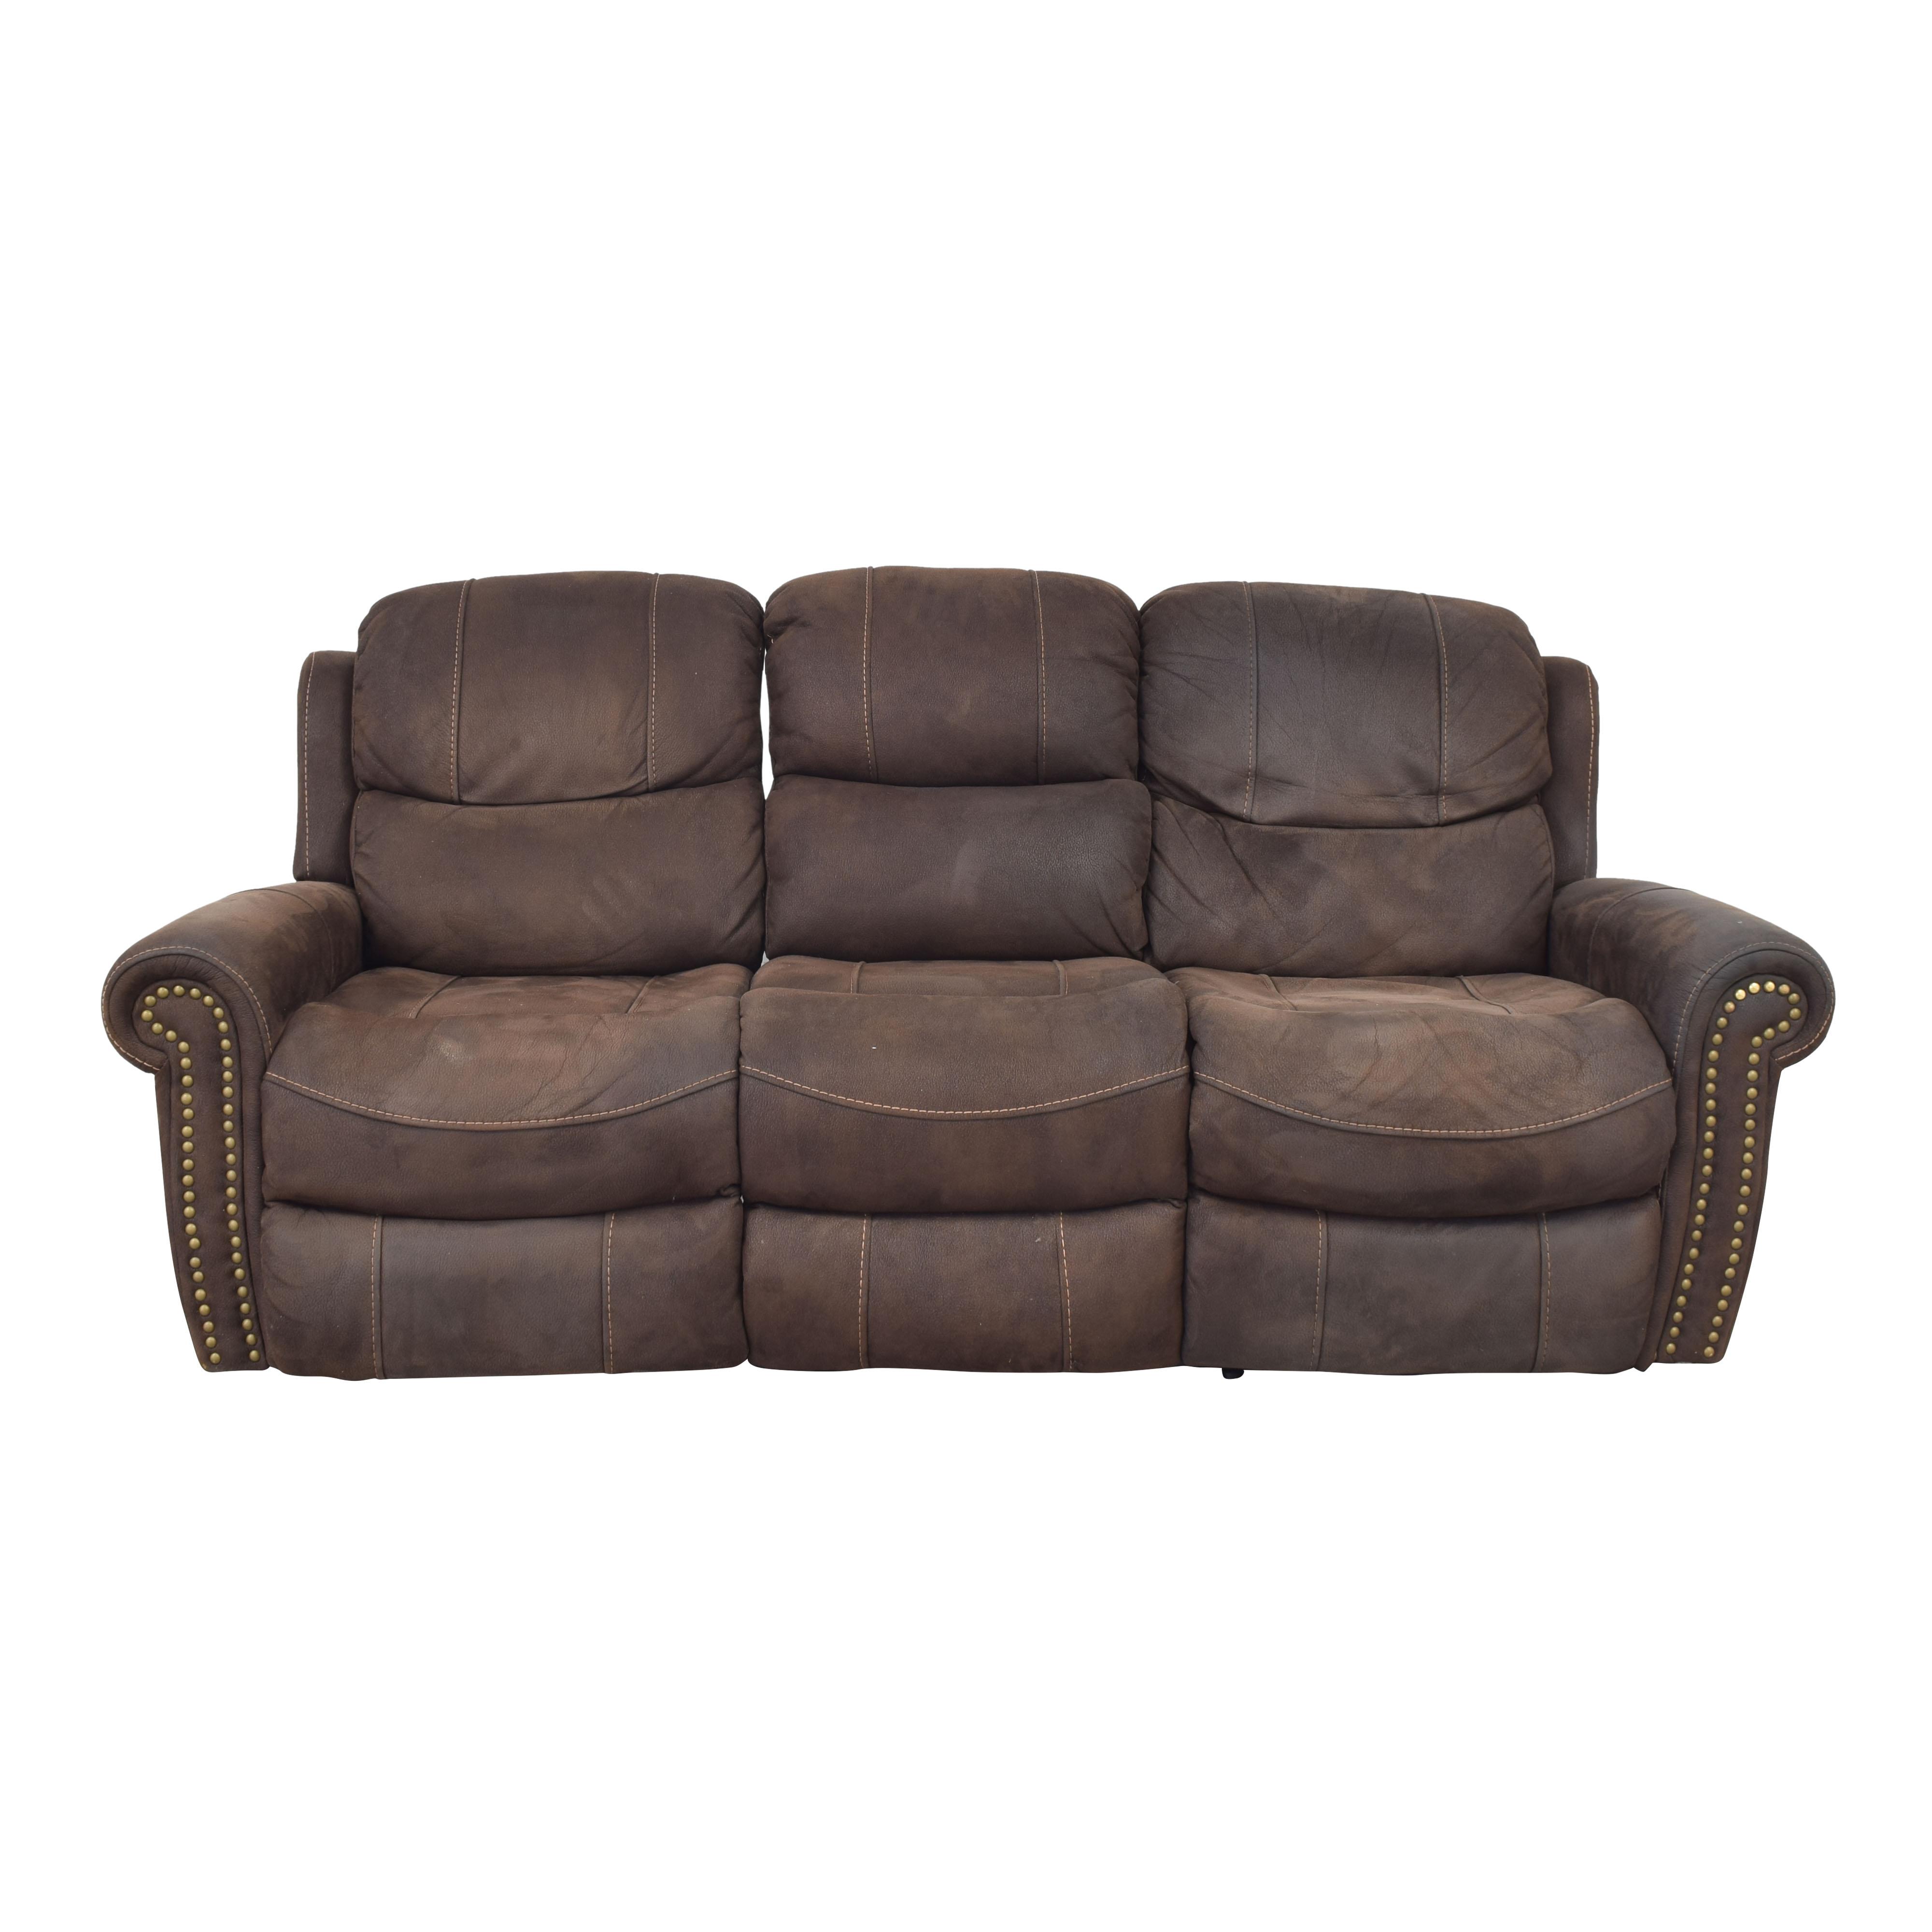 buy Macy's Macy's Recliner Sofa online